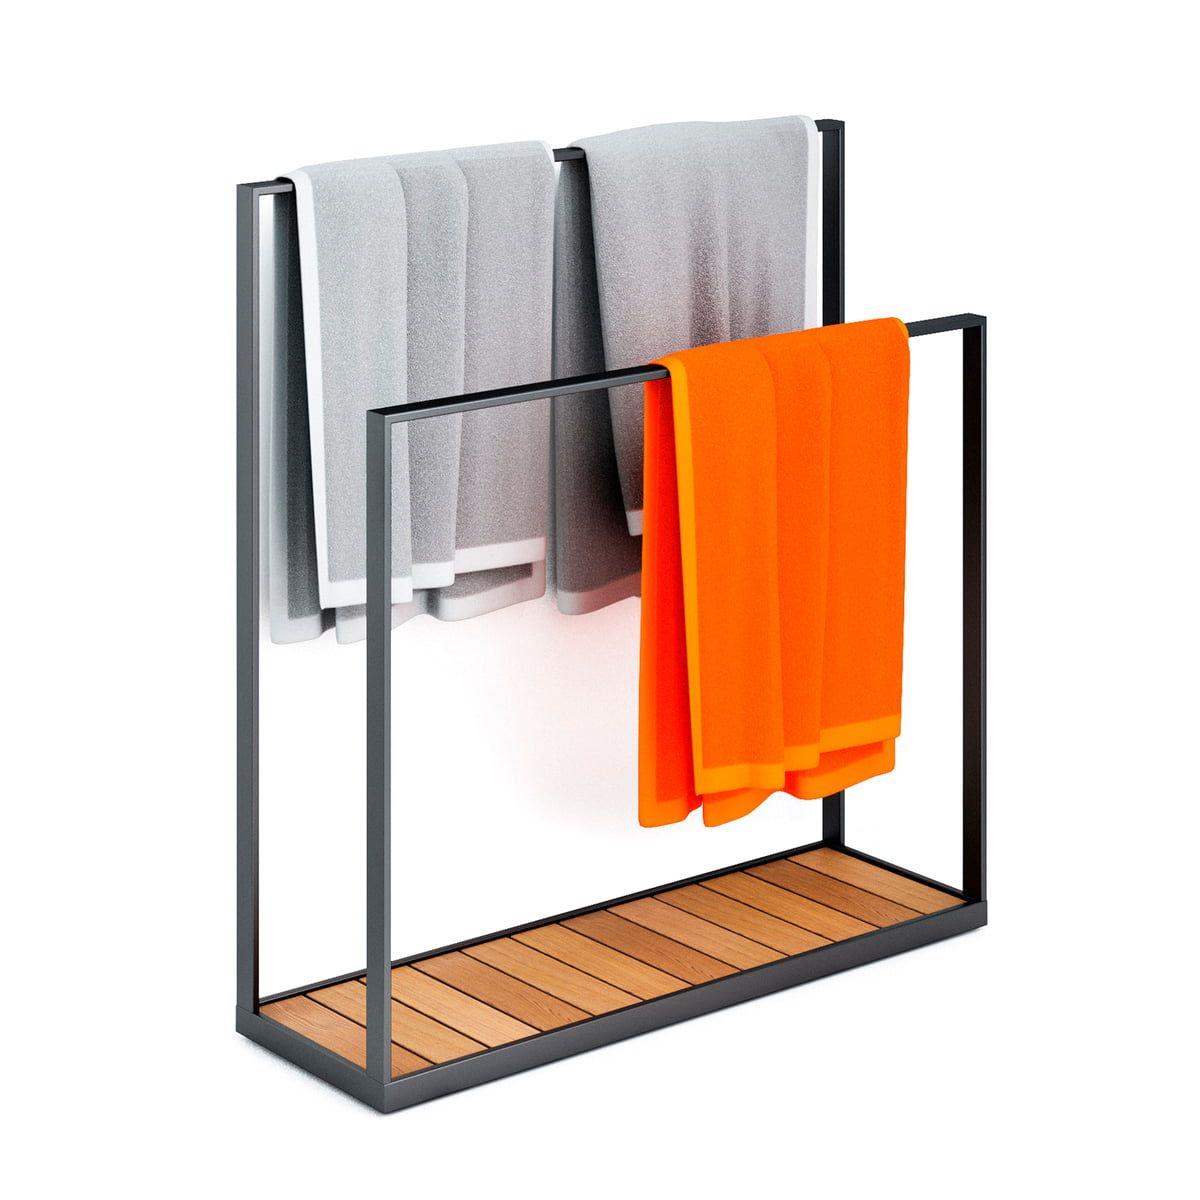 Roshults Garten Handtuchhalter Teak Anthrazit Handtuchhalter Handtuchhalter Ideen Handtuchhalter Pool